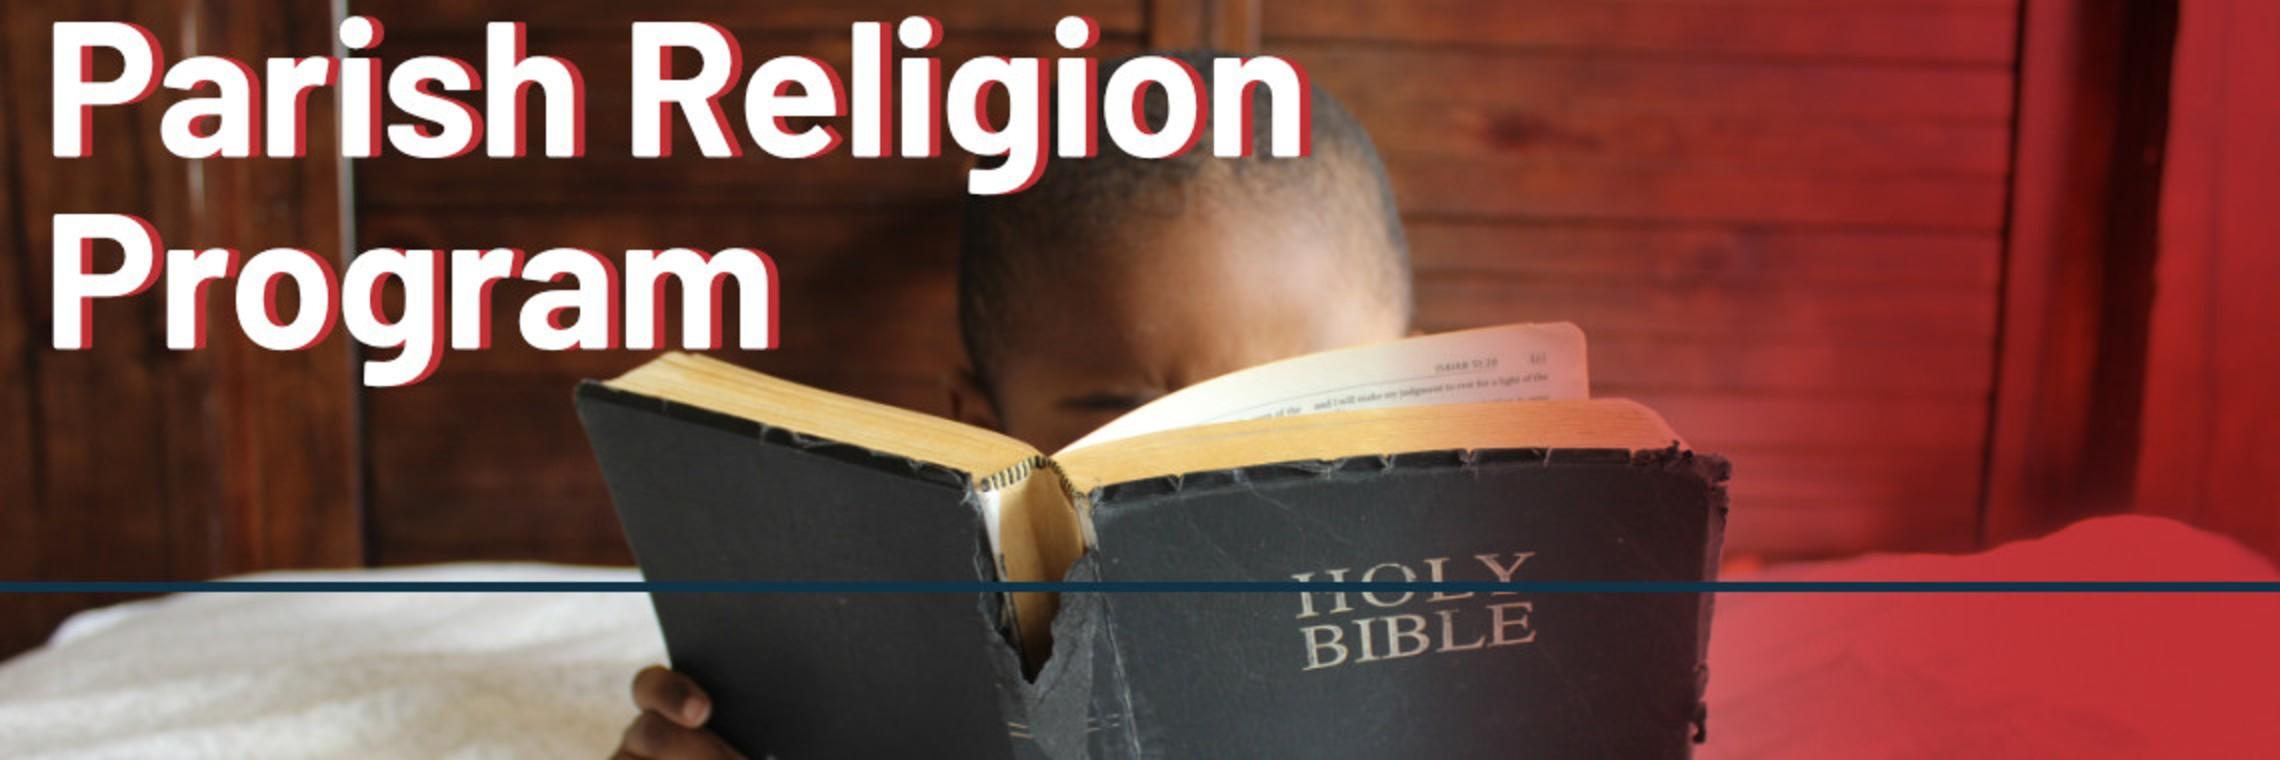 Parish Religion Program